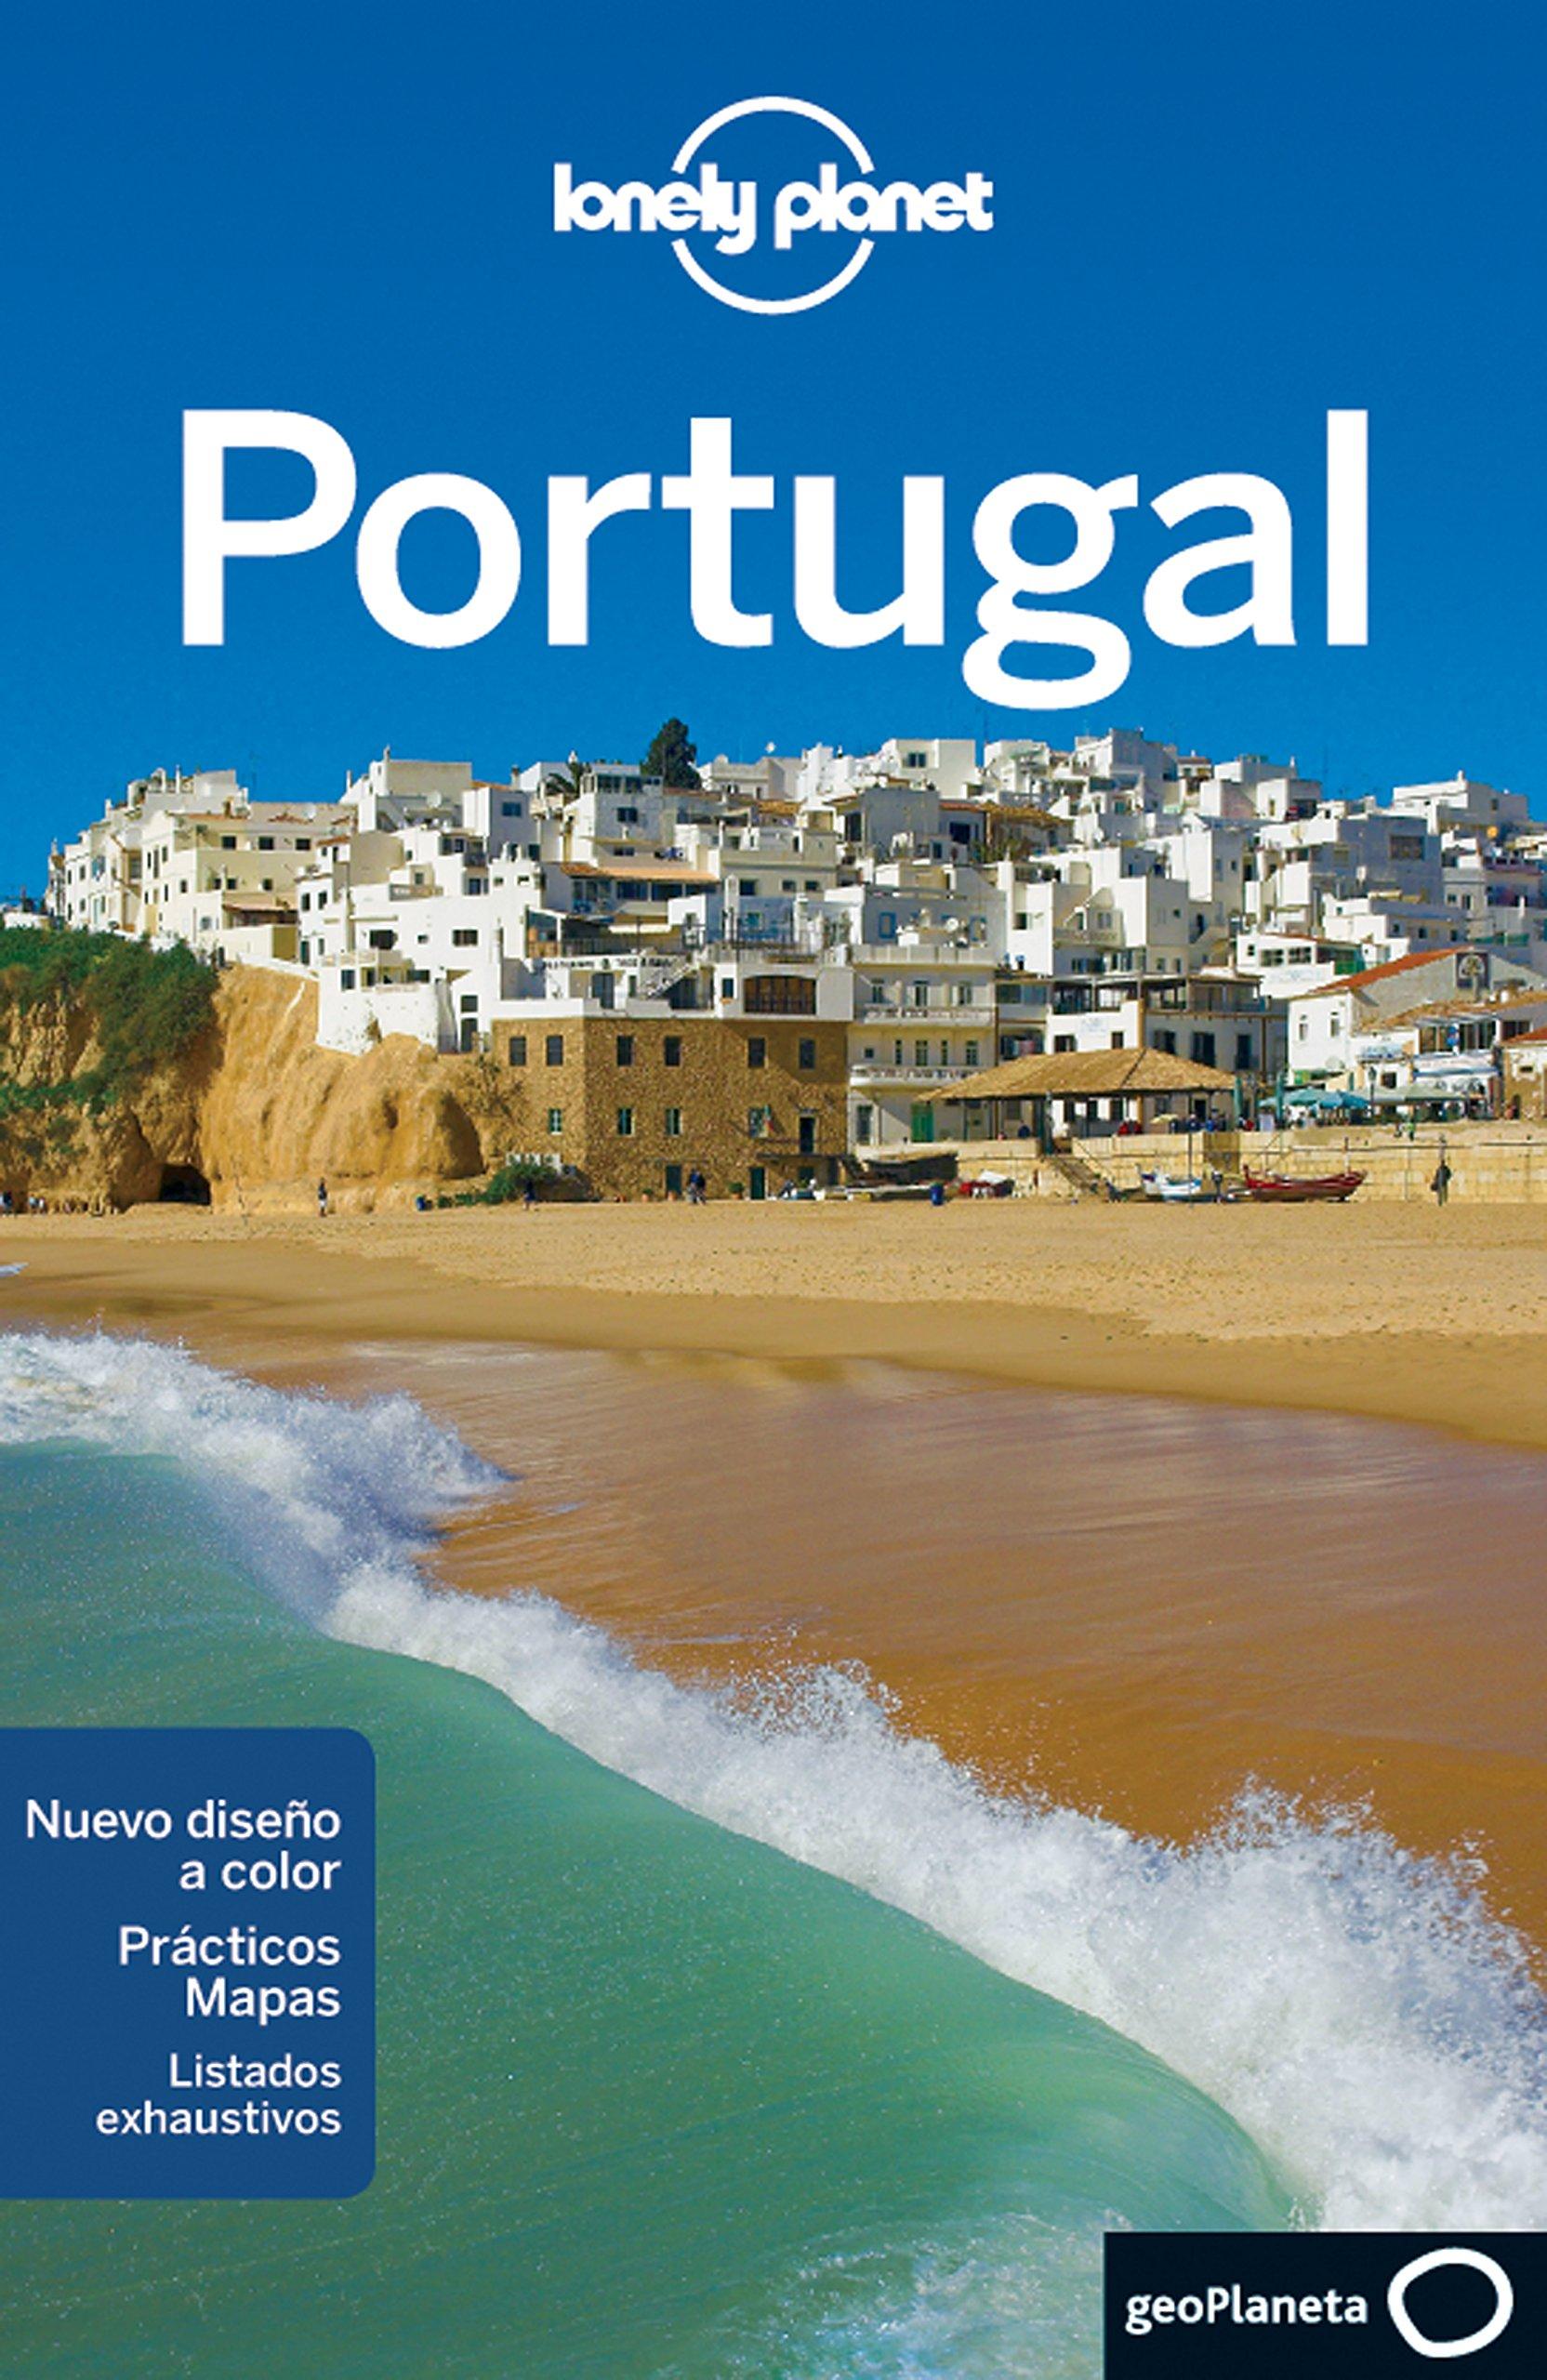 Portugal (Guías de País Lonely Planet): Amazon.es: Varios autores, Traductores varios: Libros